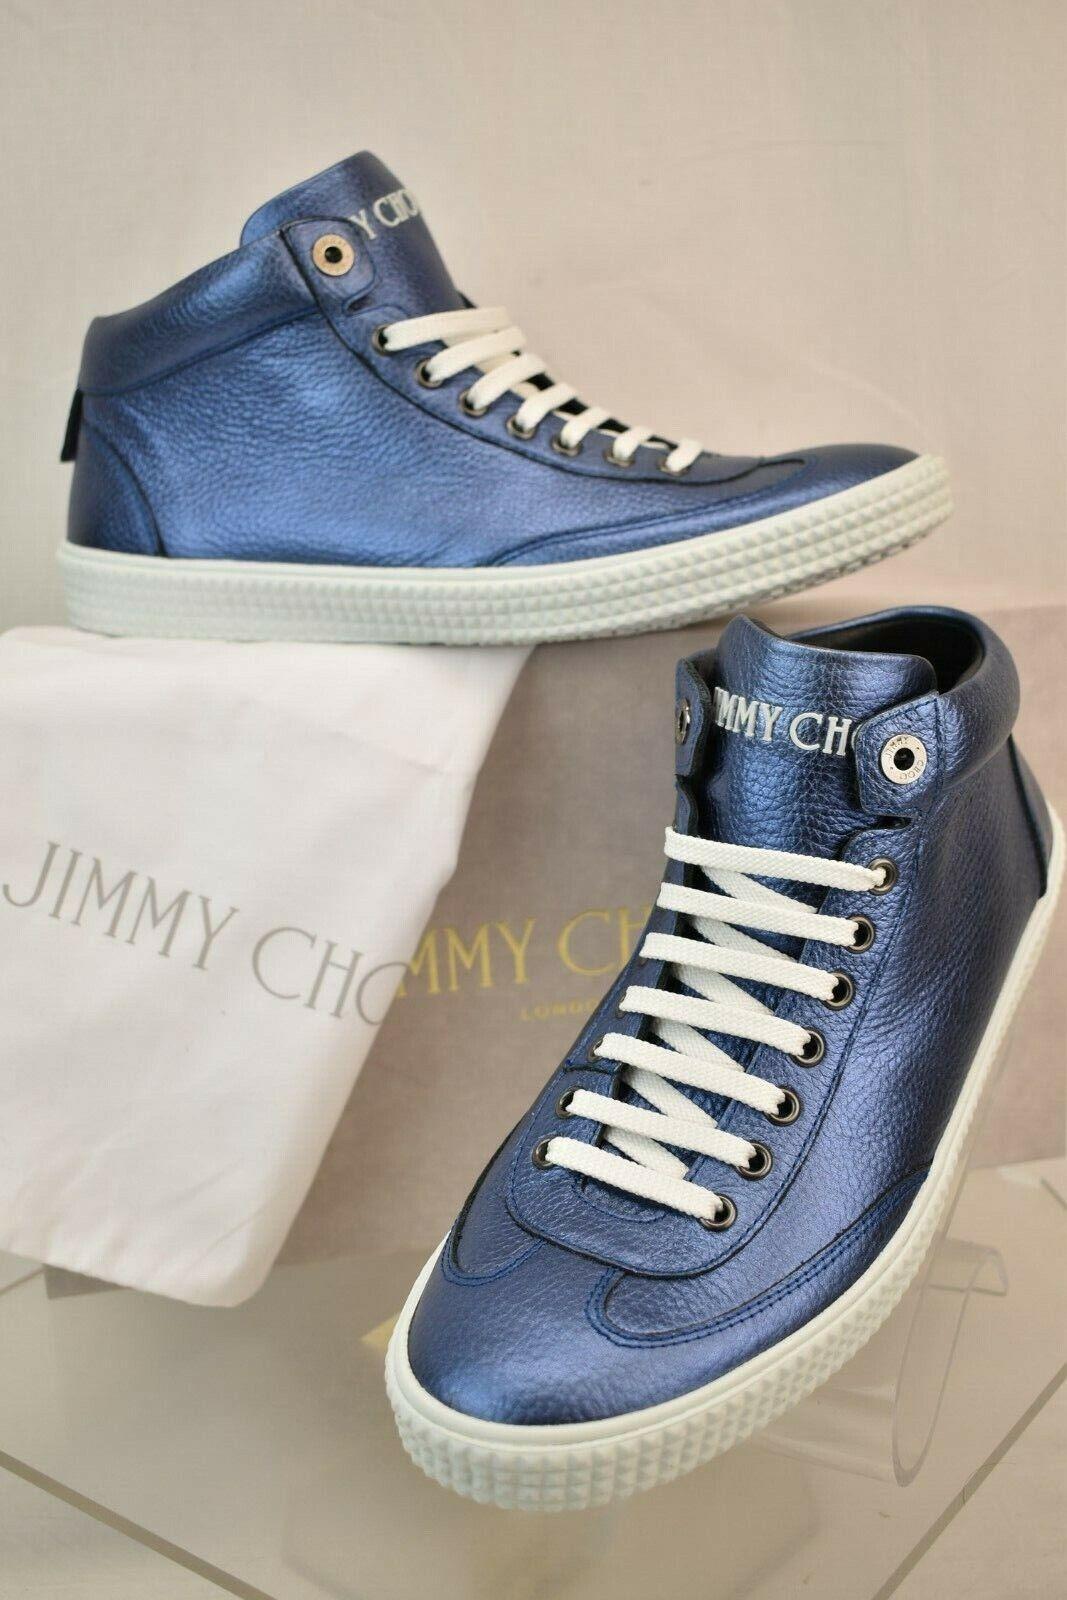 JIMMY CHOO VARLEY Mar Azul Metálico Grano Cuero Con Cordones Zapatillas 46 España